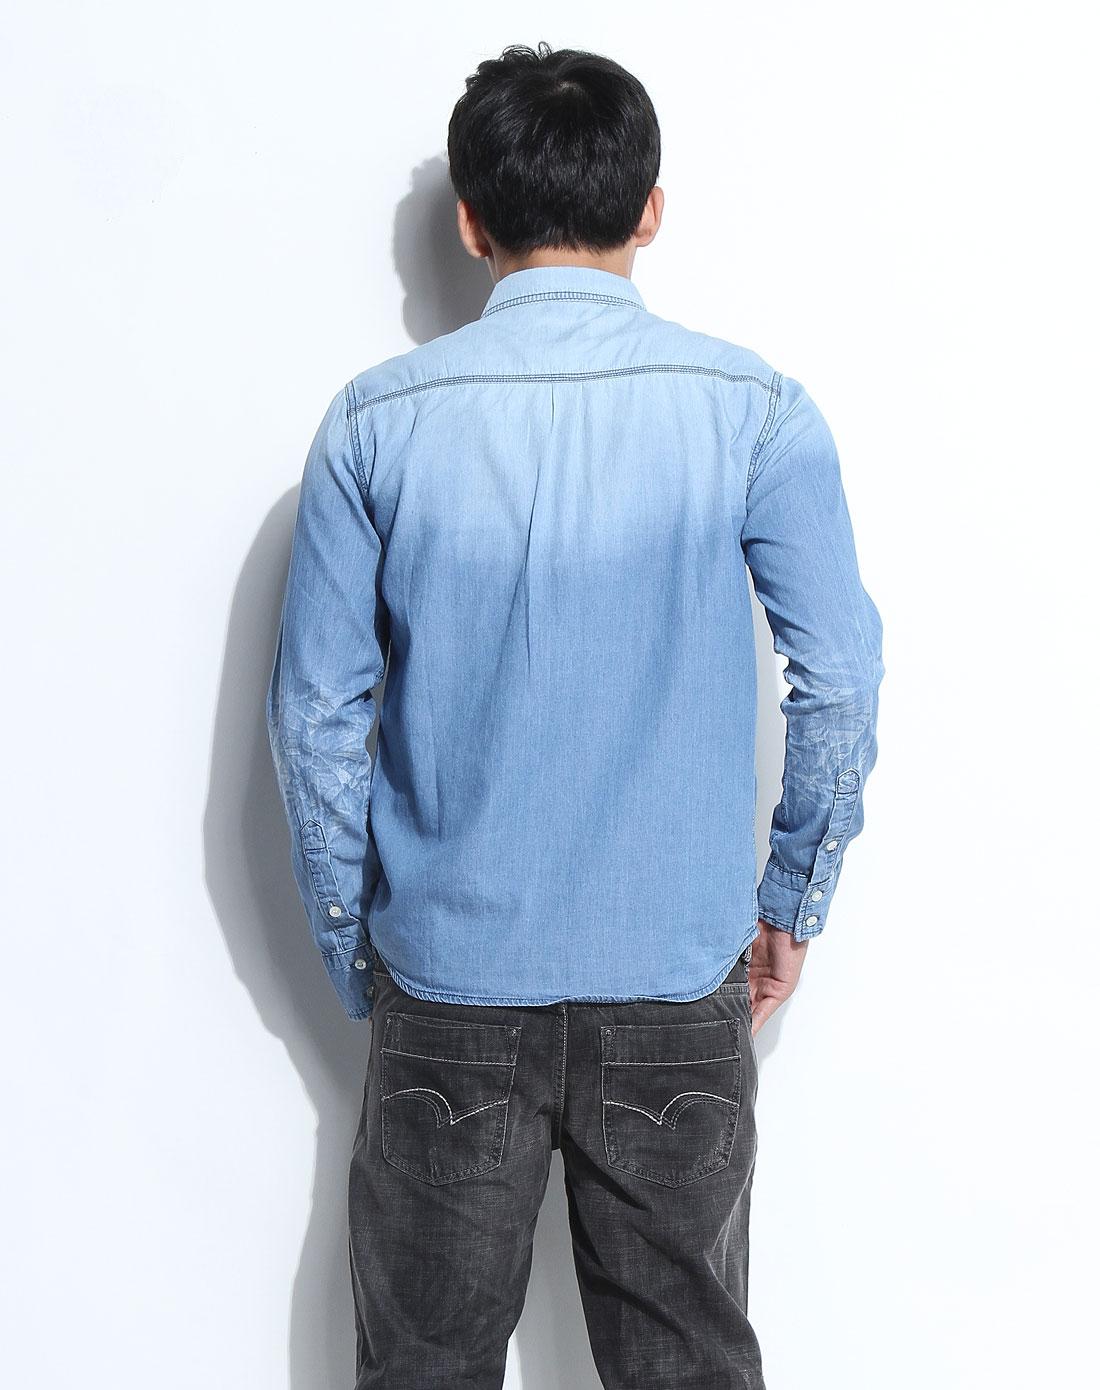 cooper男女装男款浅蓝色帅气翻领长袖牛仔衬衫b